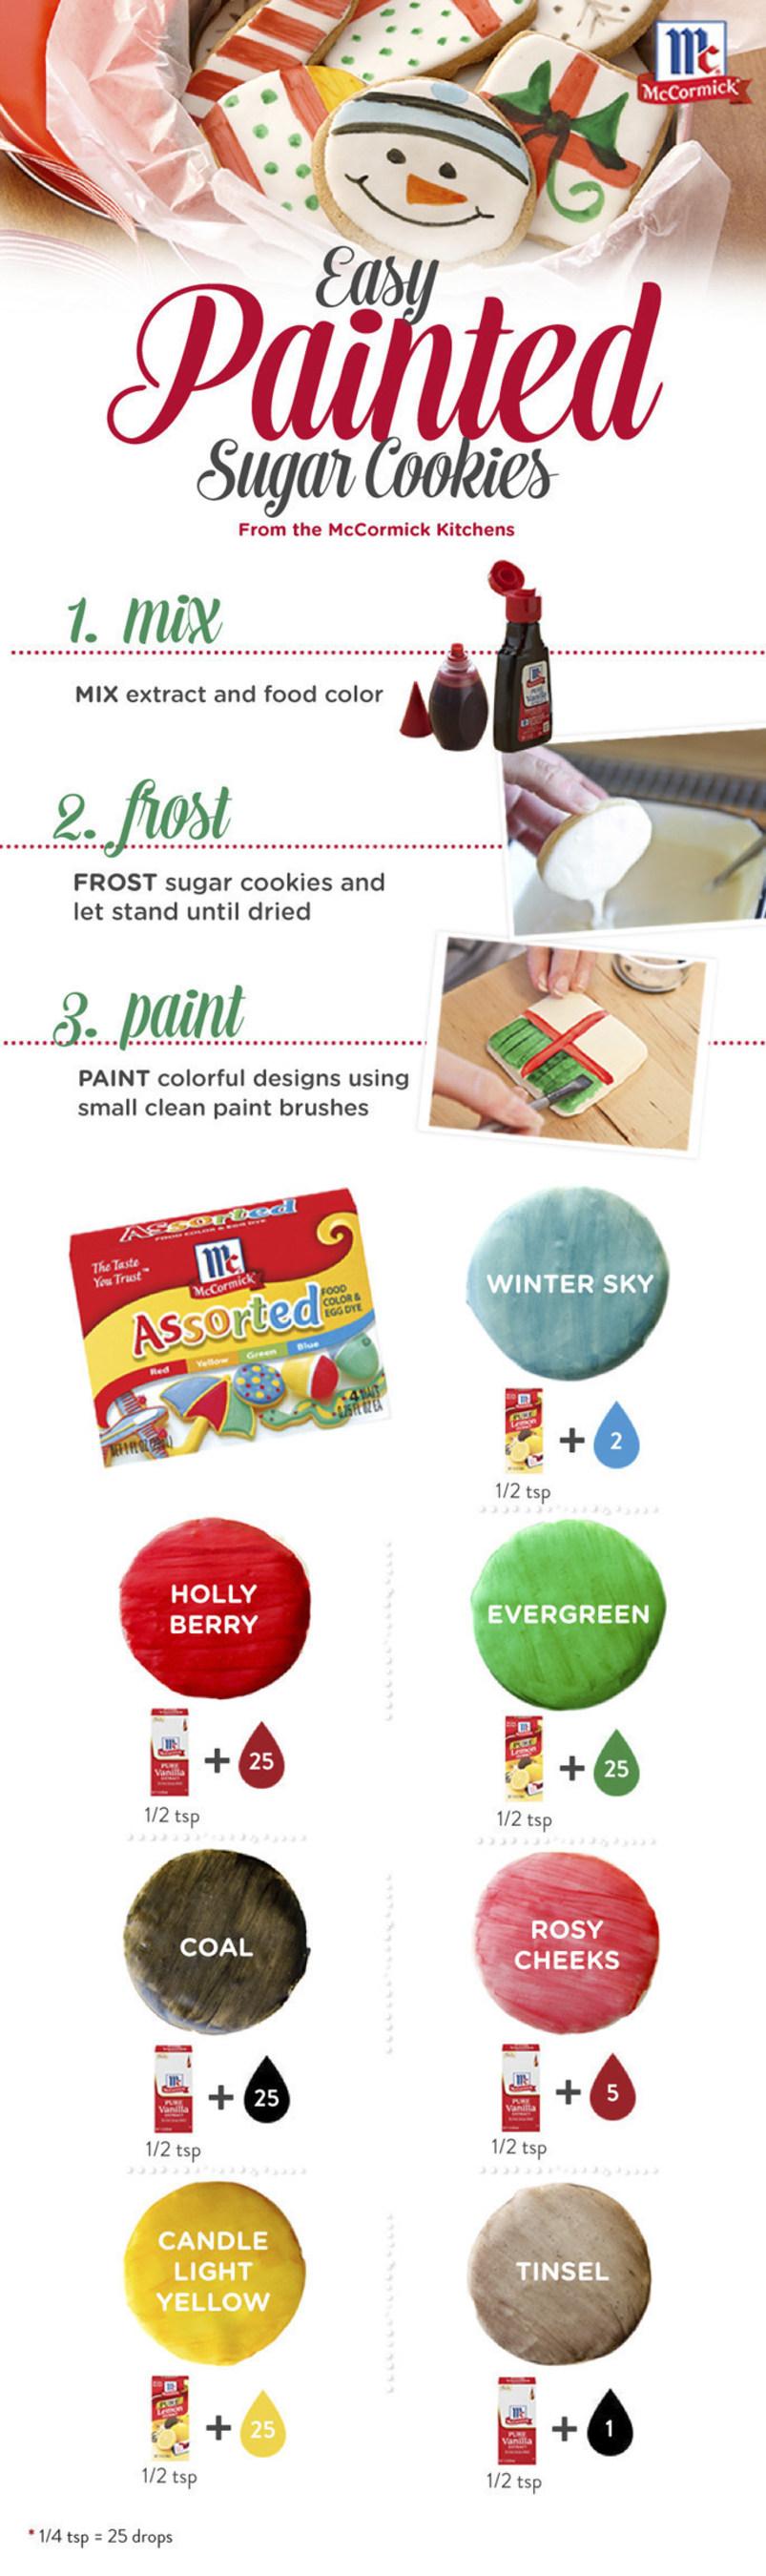 Easy Painted Sugar Cookies